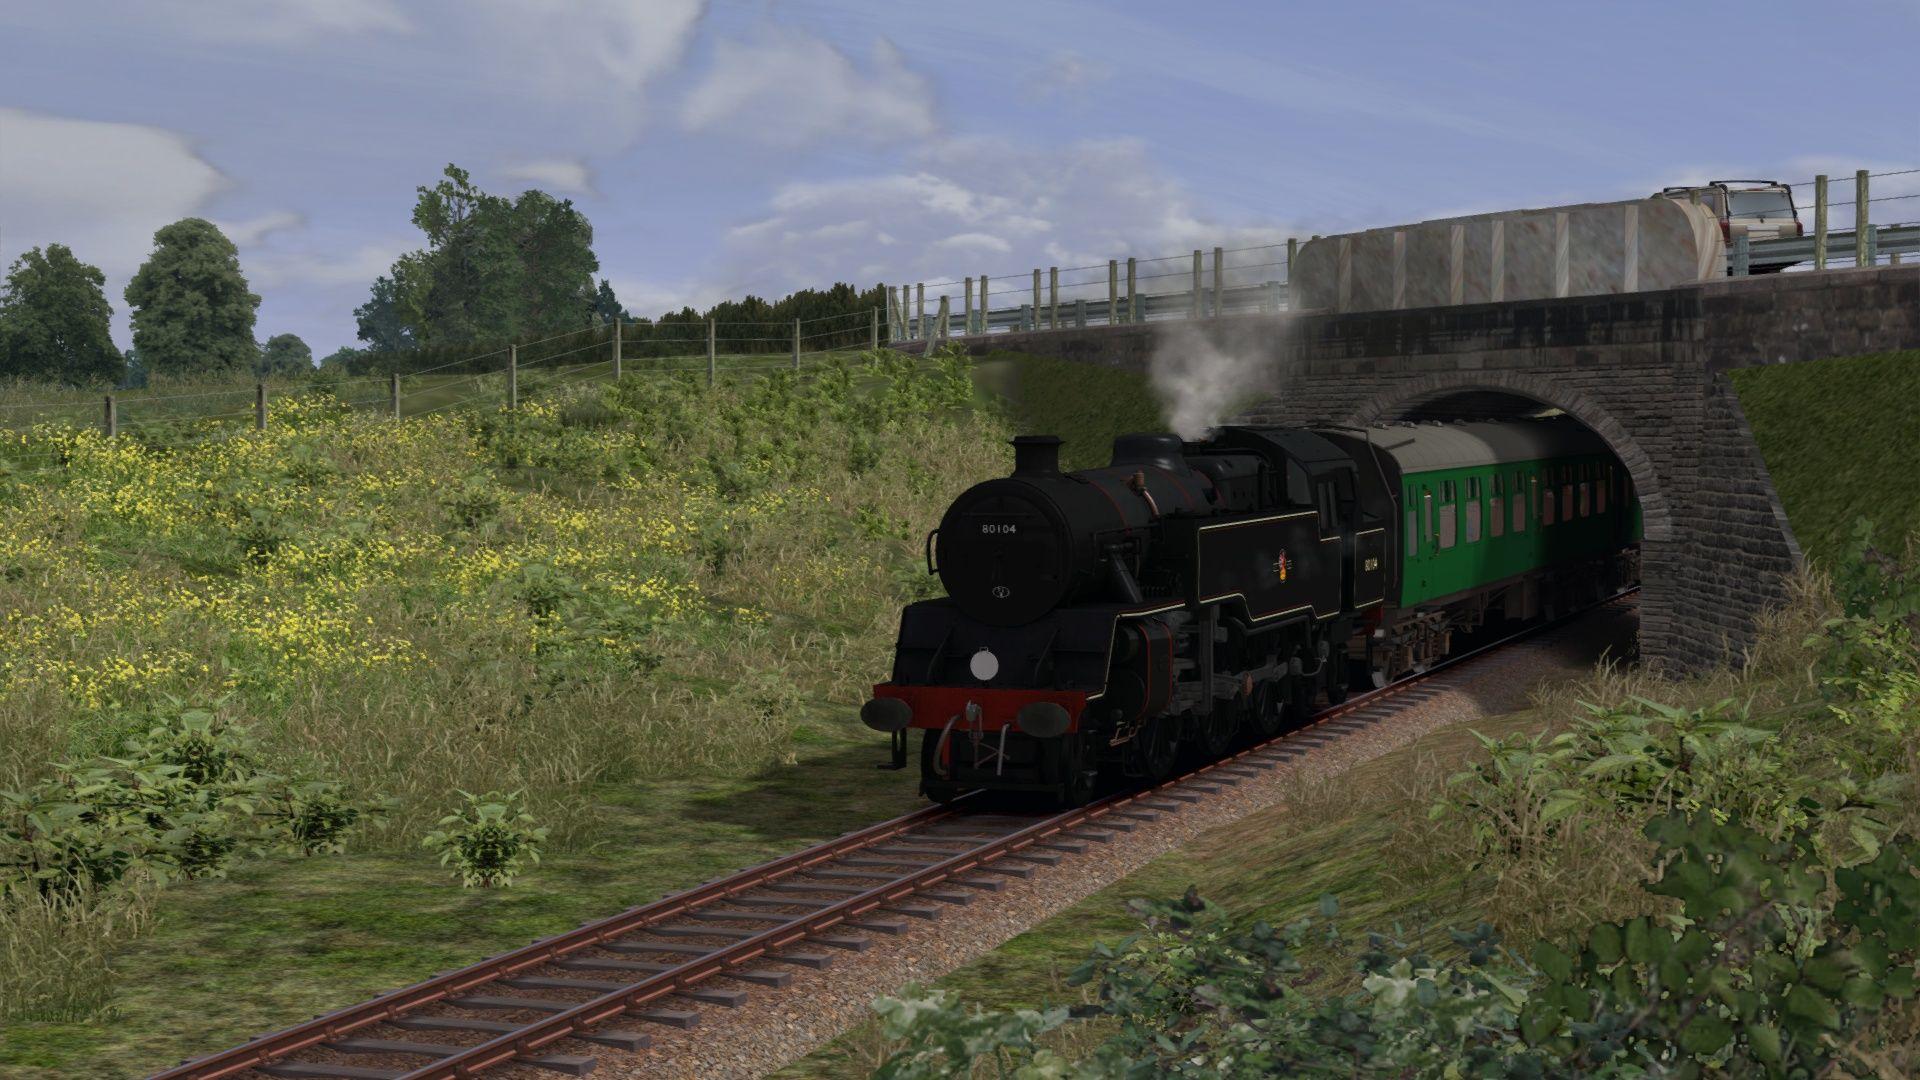 Screenshot_Swanage Railway_50.62601--2.04393_16-15-35